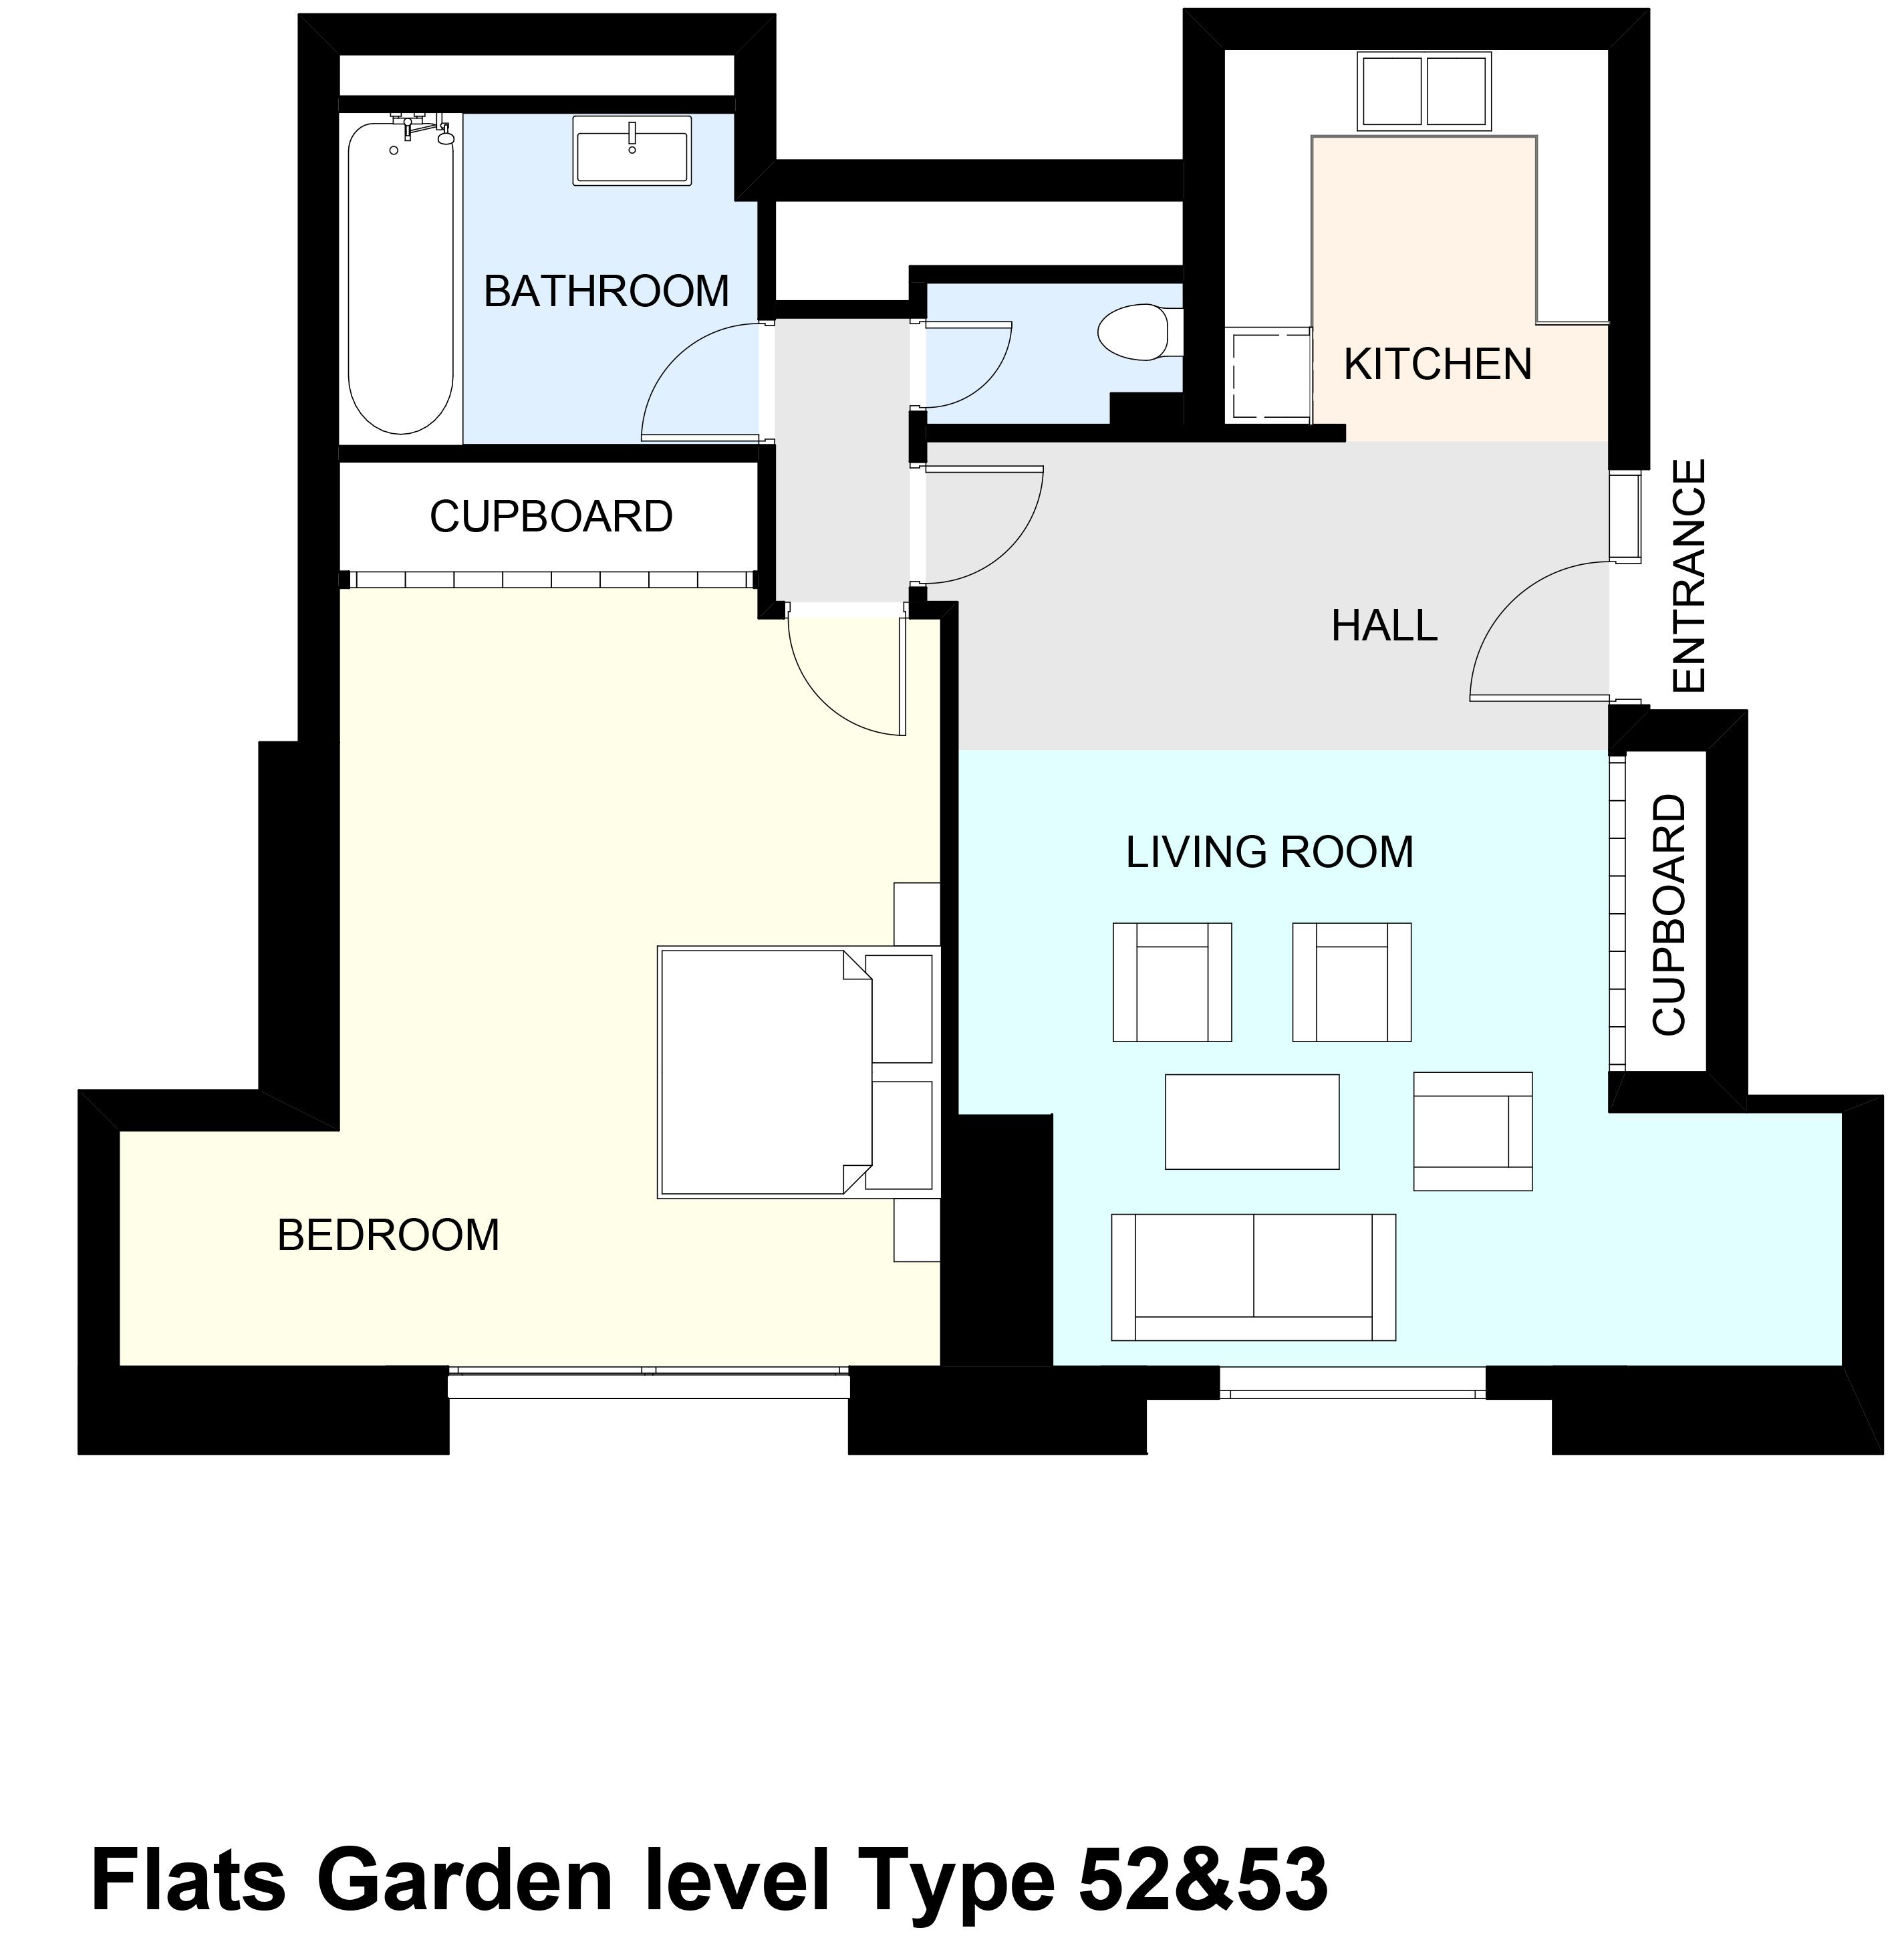 Flats Garden level Type 52&53